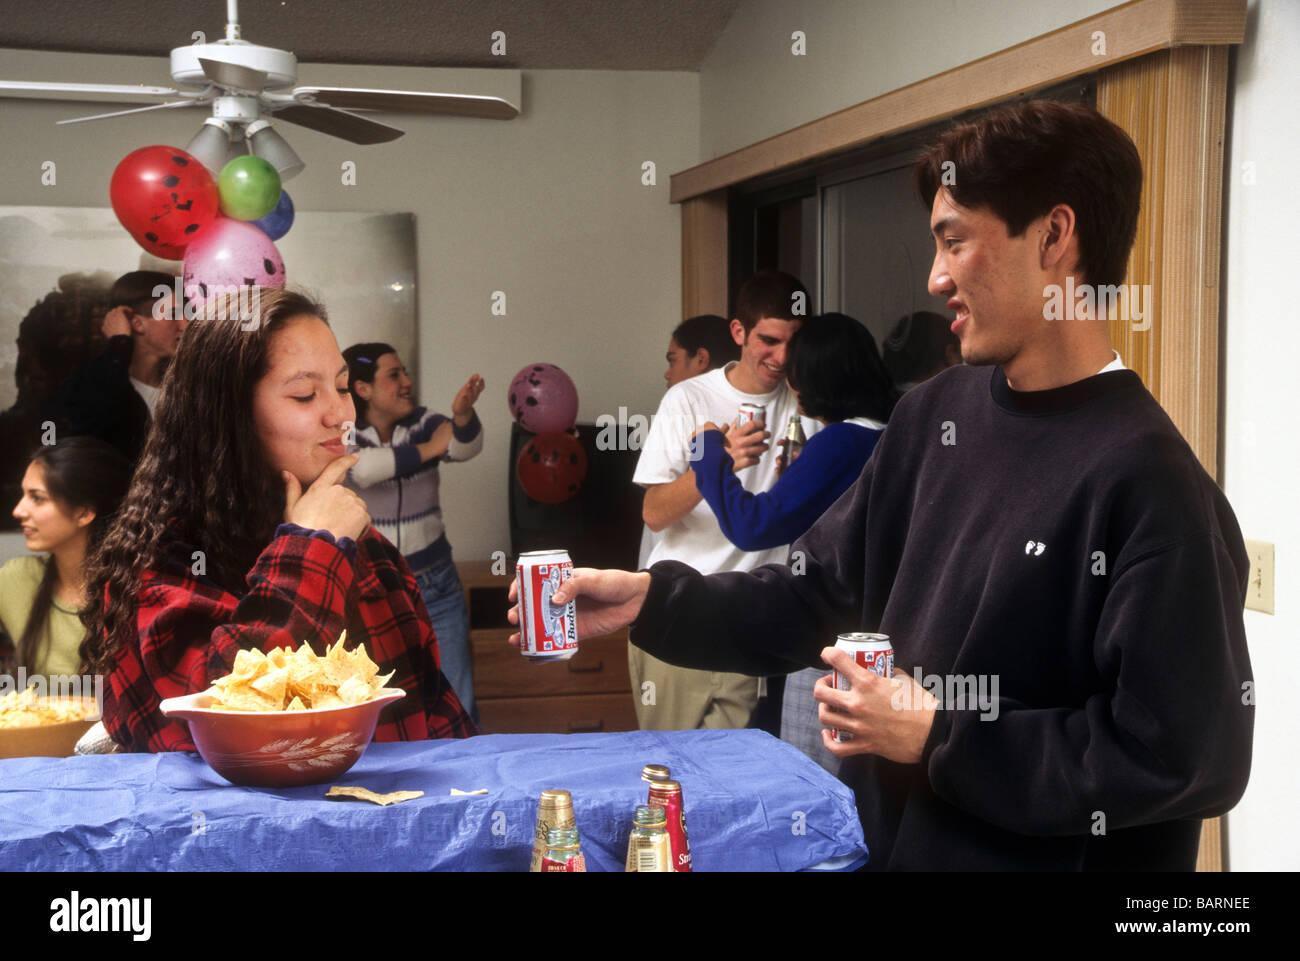 Peer pressures effect on teen drinking